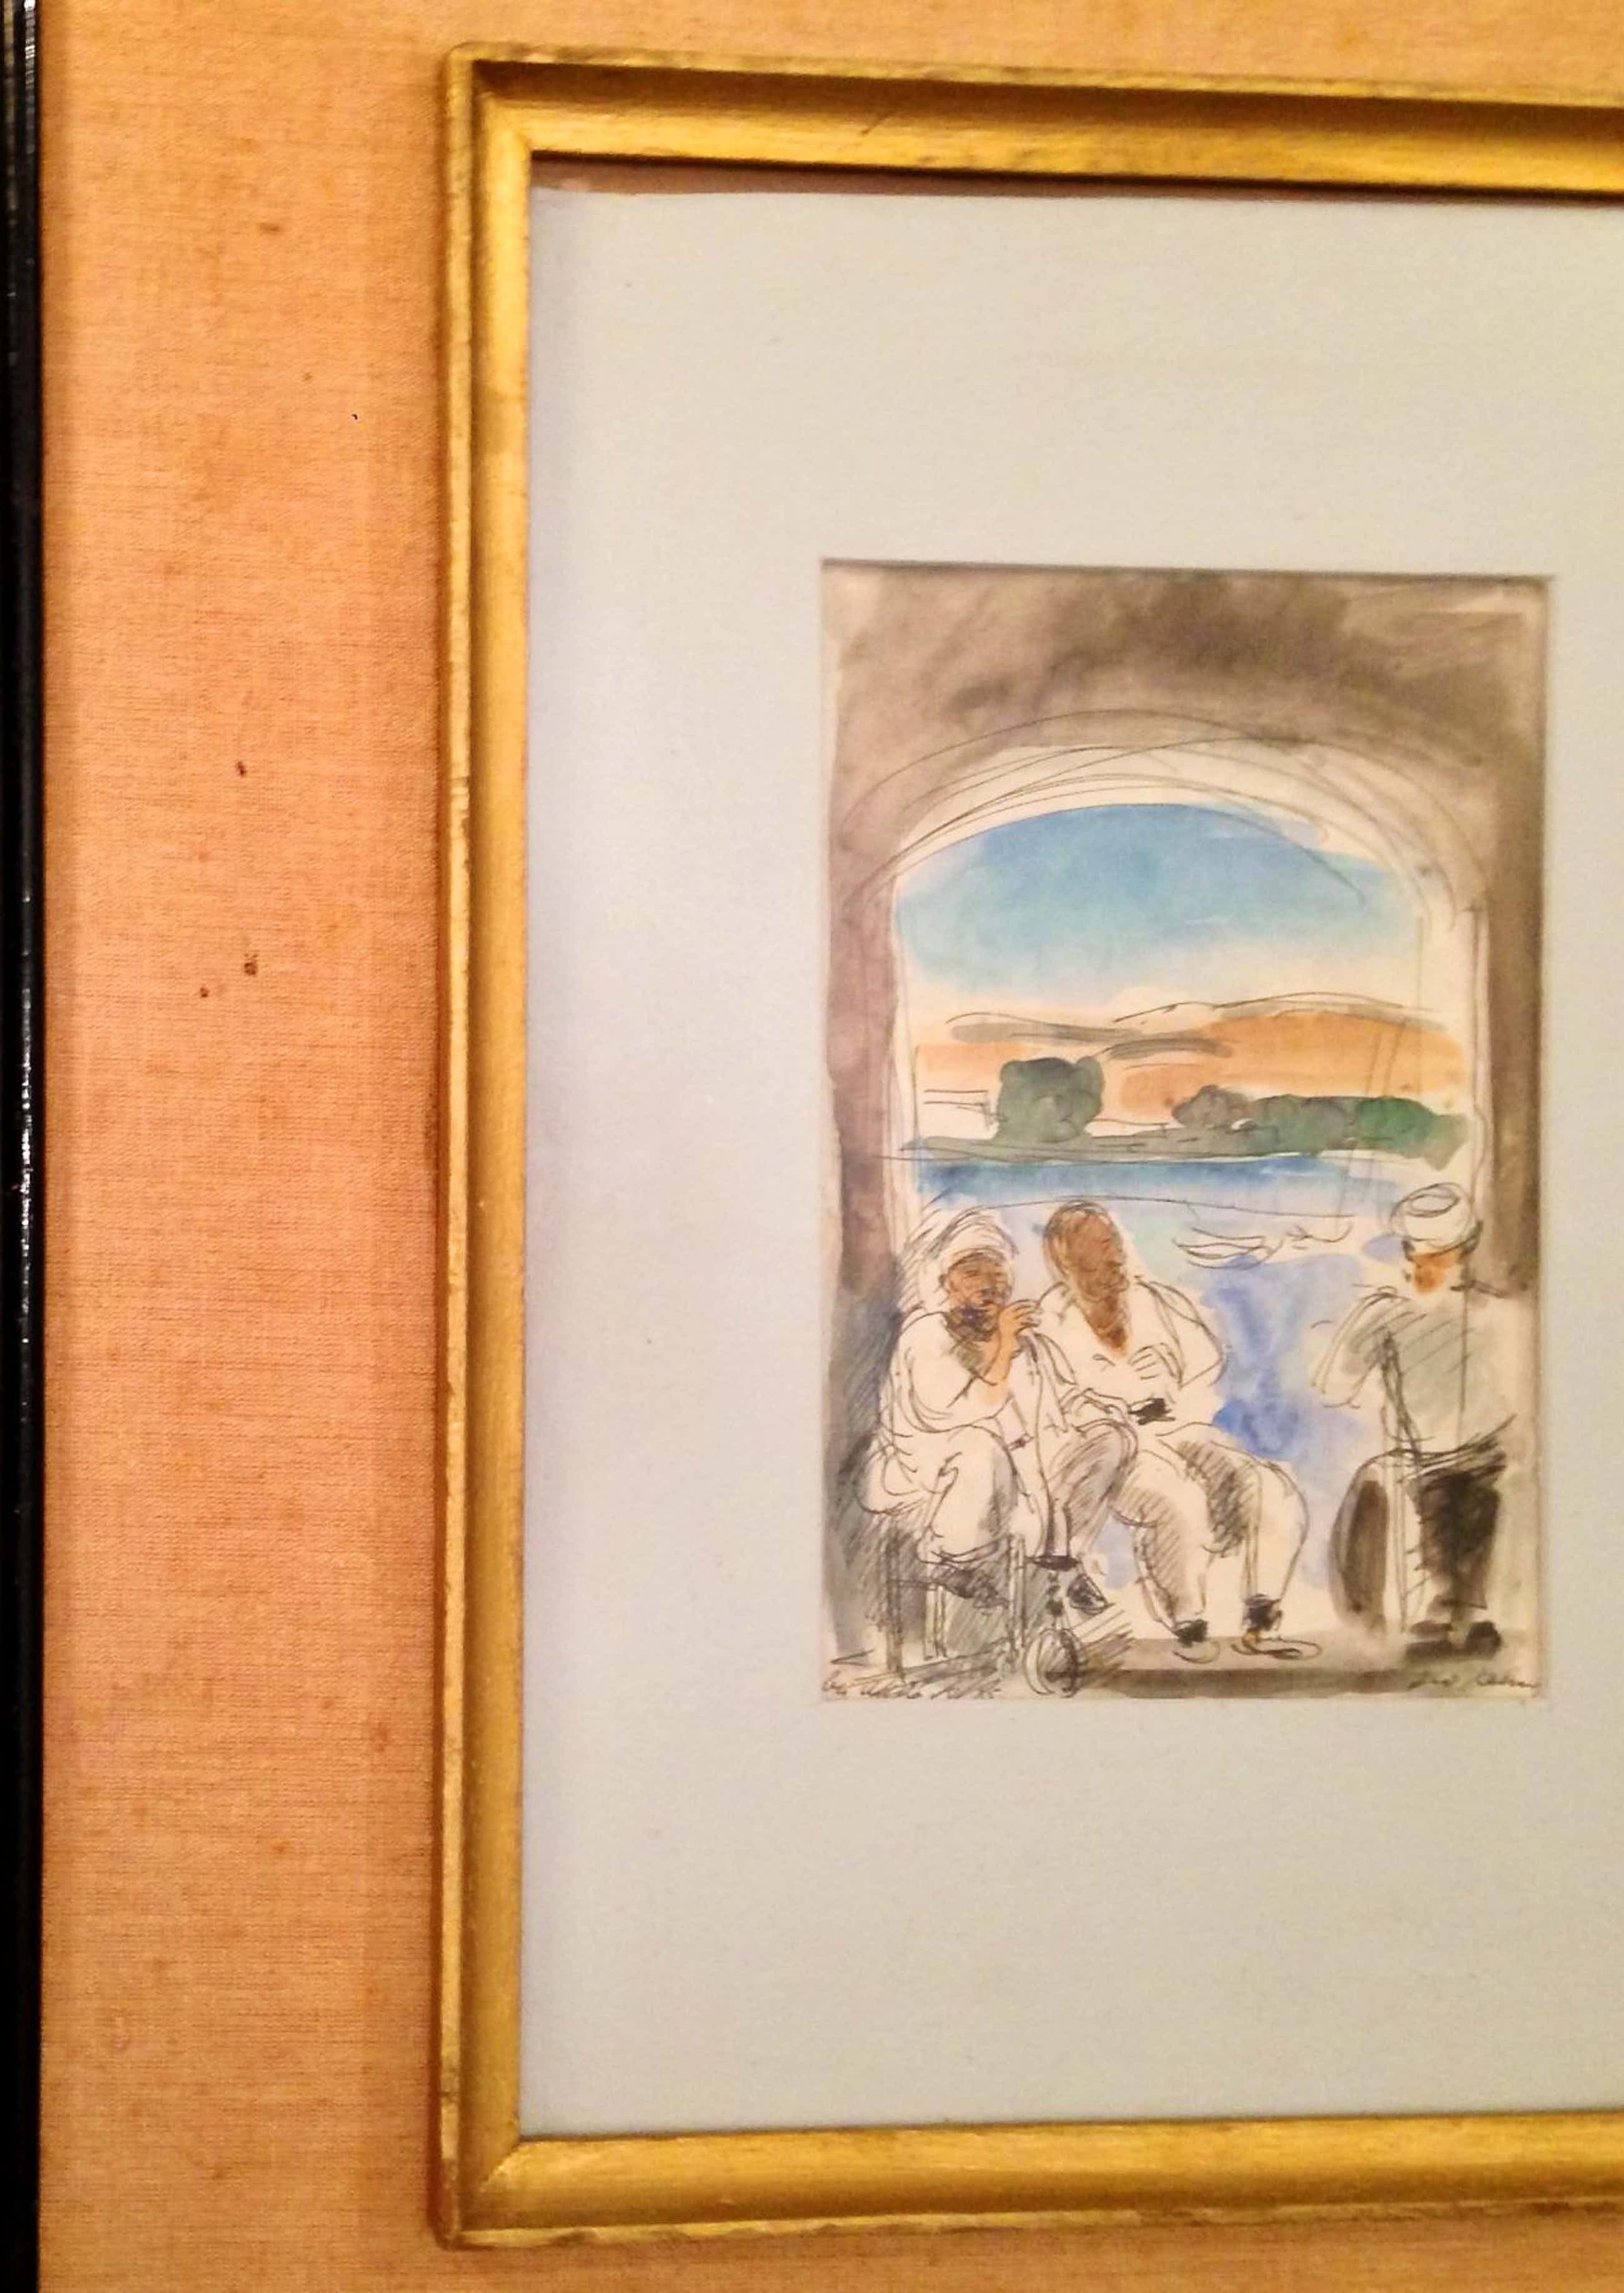 Leo Kahn - Leo Kahn, Akko 1935 kopen? Bied vanaf 320!